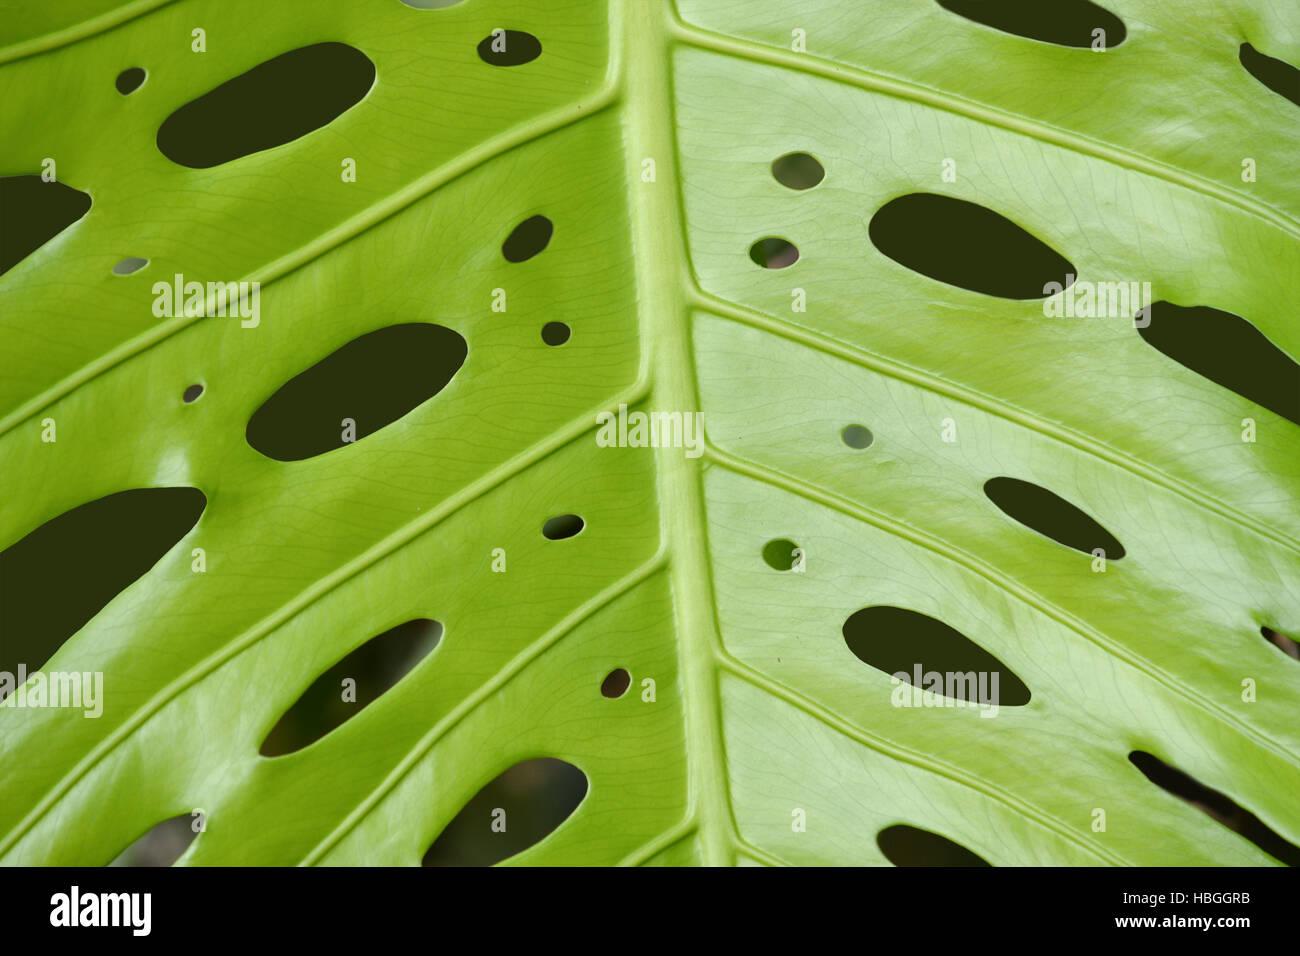 Monstera deliciosa background - Stock Image